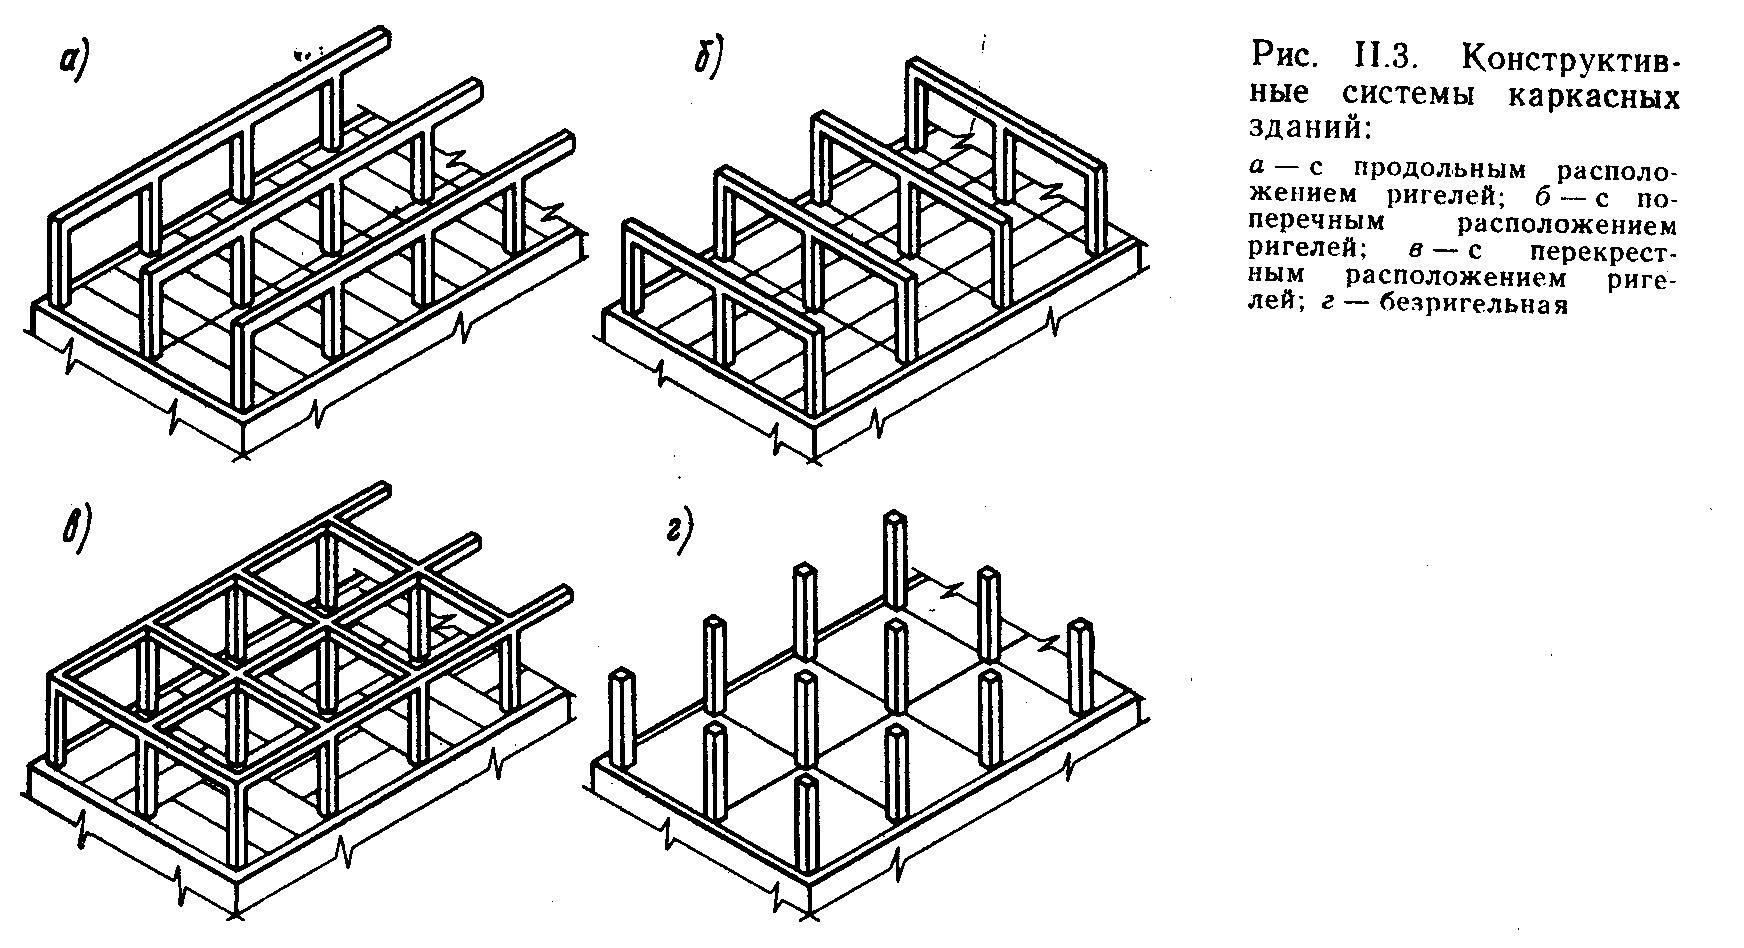 Каркасные здания конструктивная схема